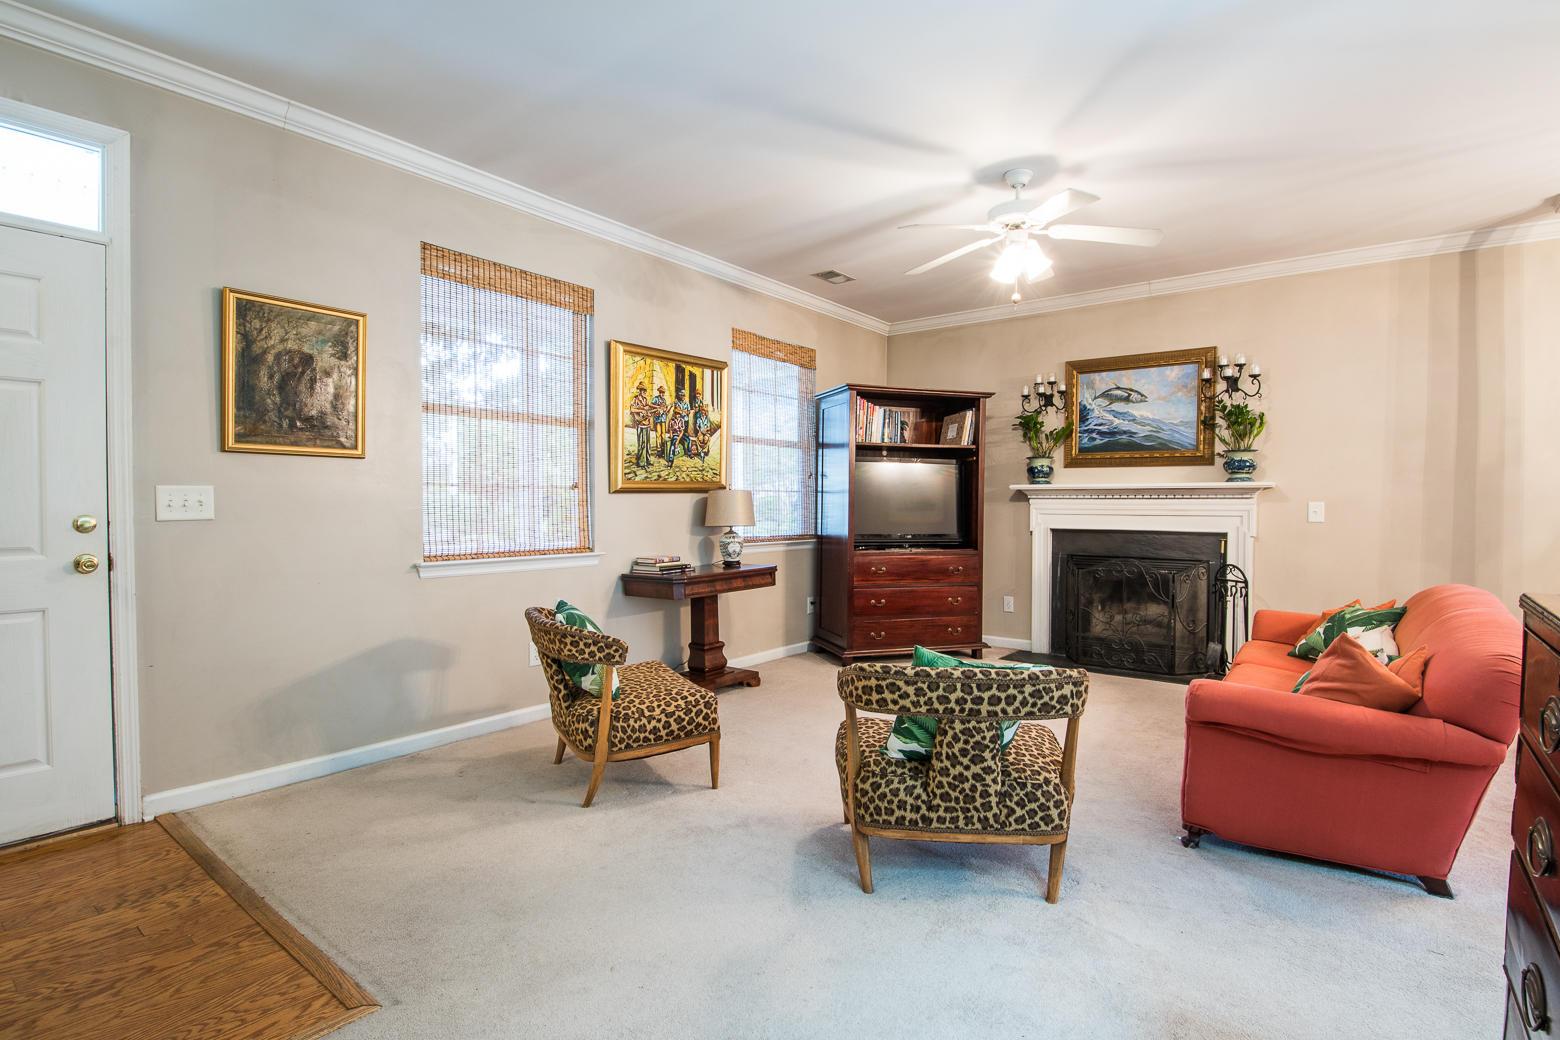 Jamestowne Village Homes For Sale - 1445 Swamp Fox, Charleston, SC - 5